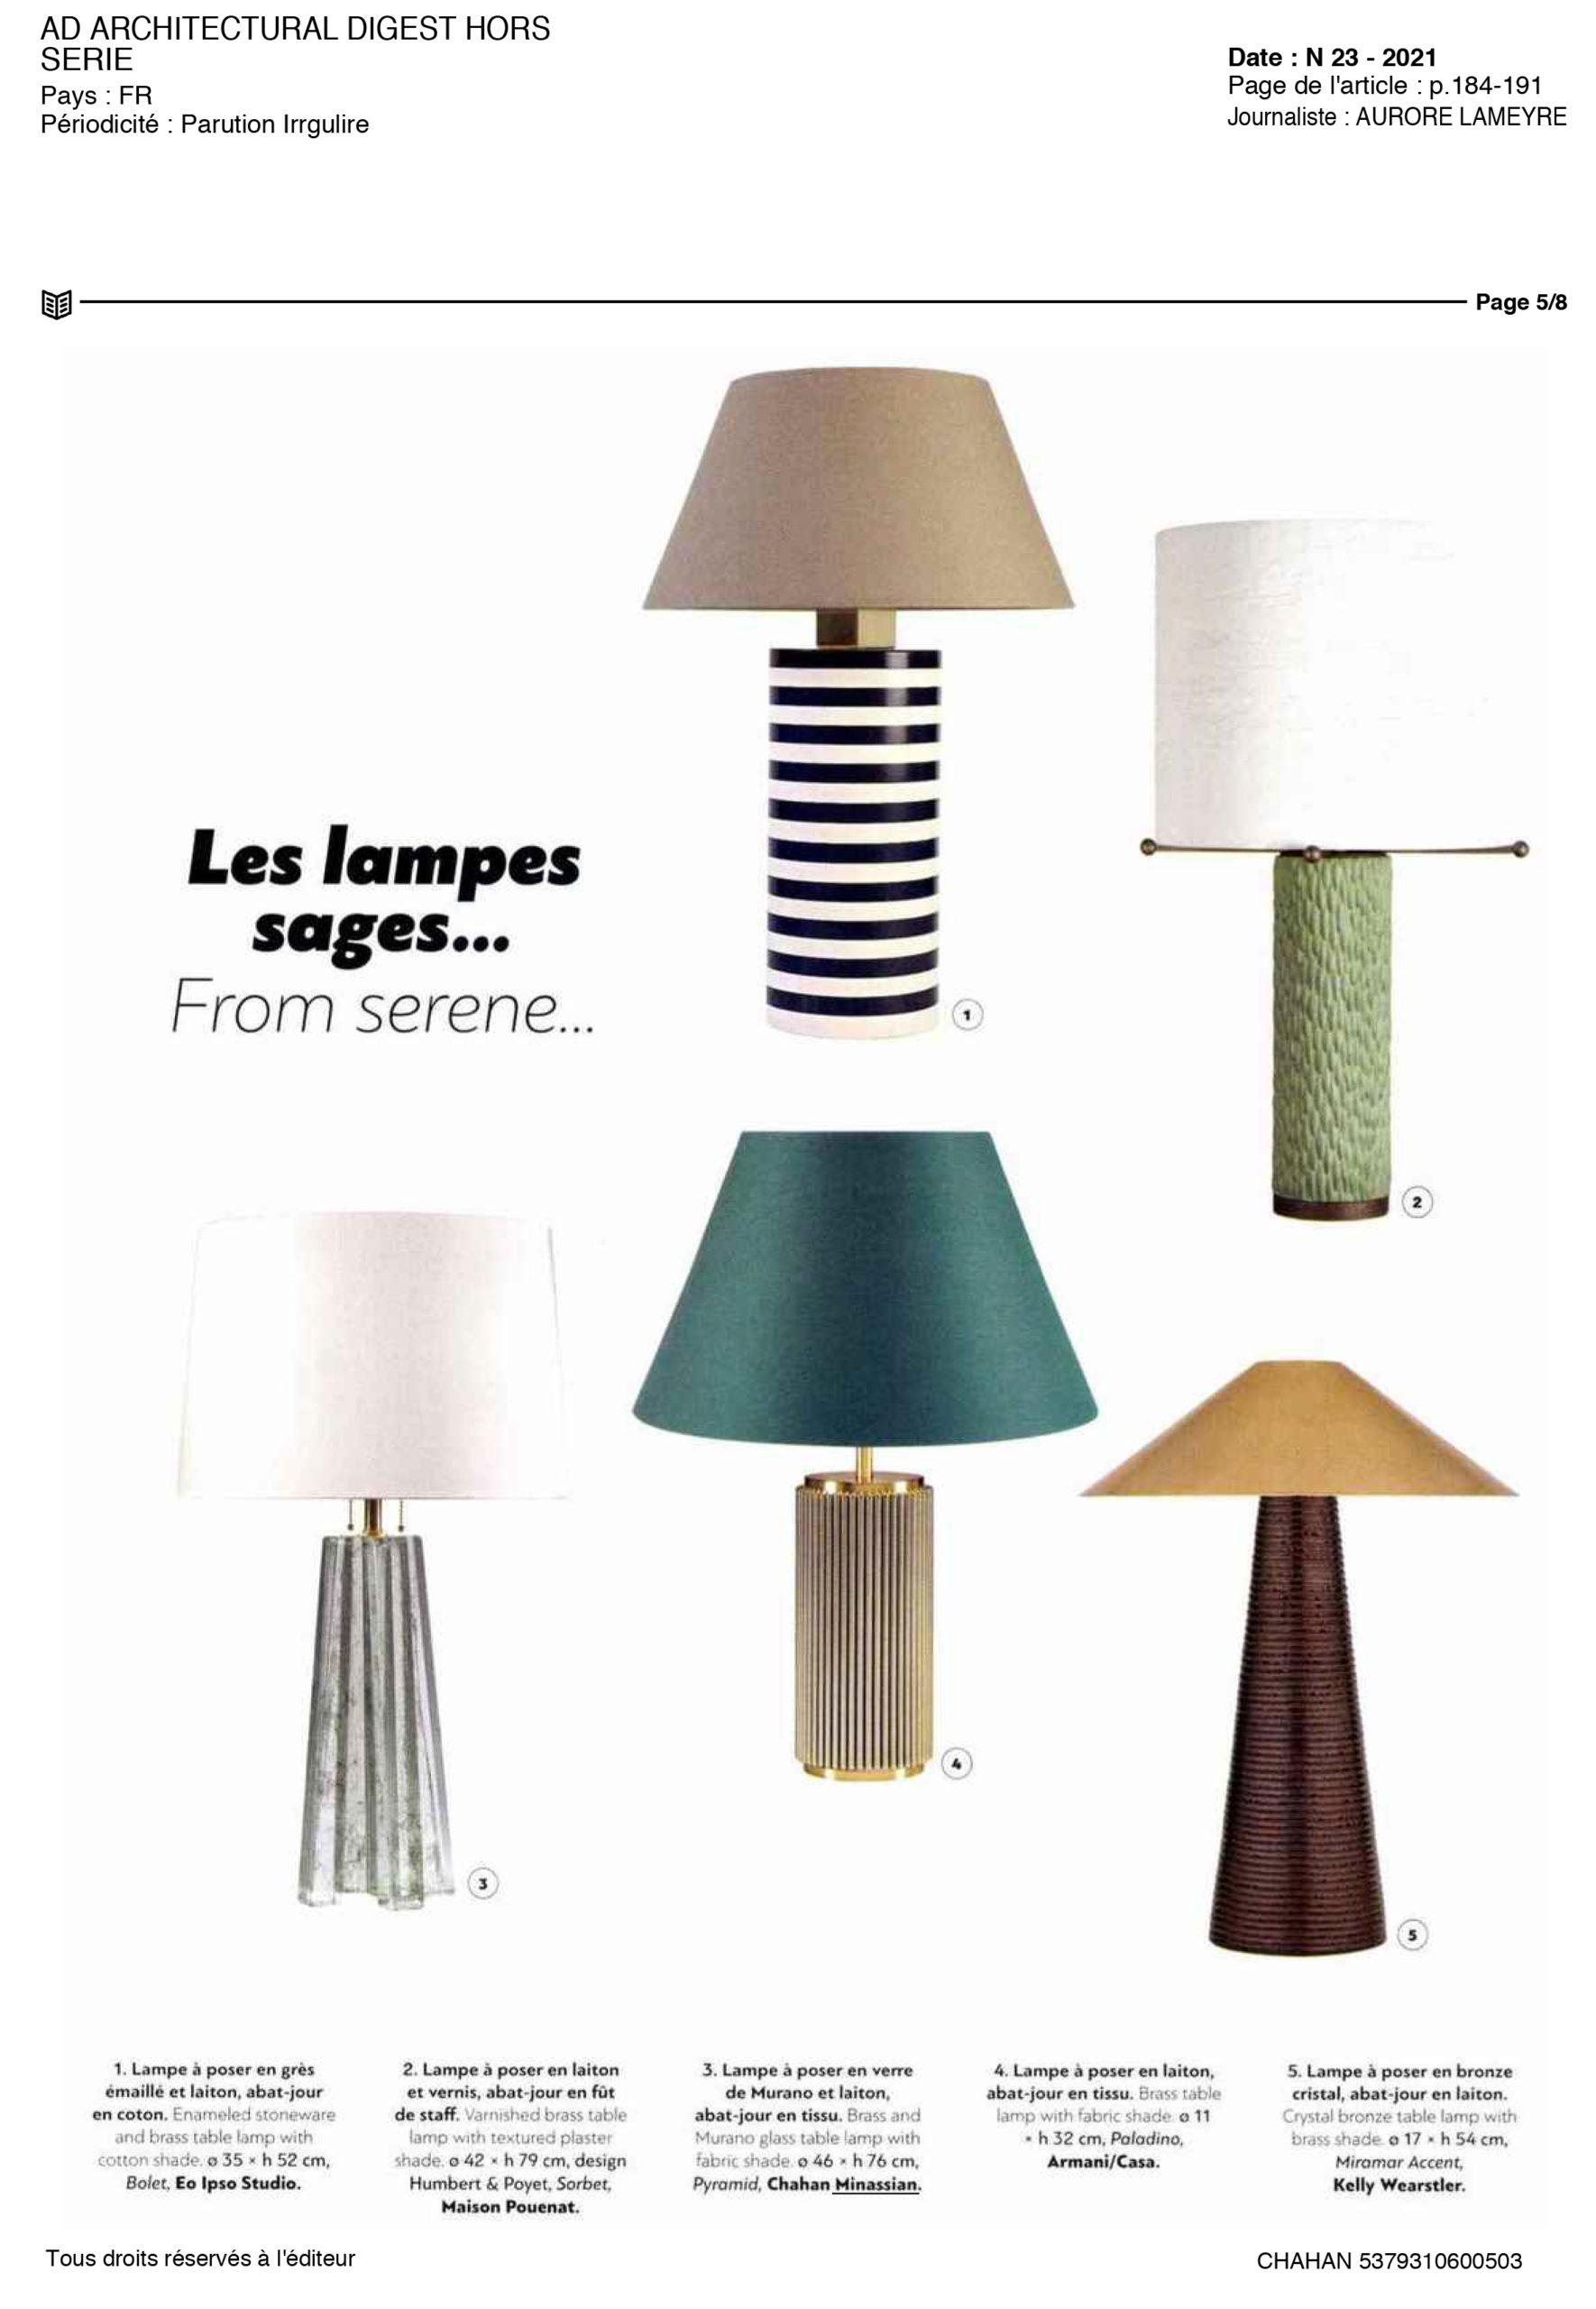 ad-100-le-grand-guide-2021-lampe